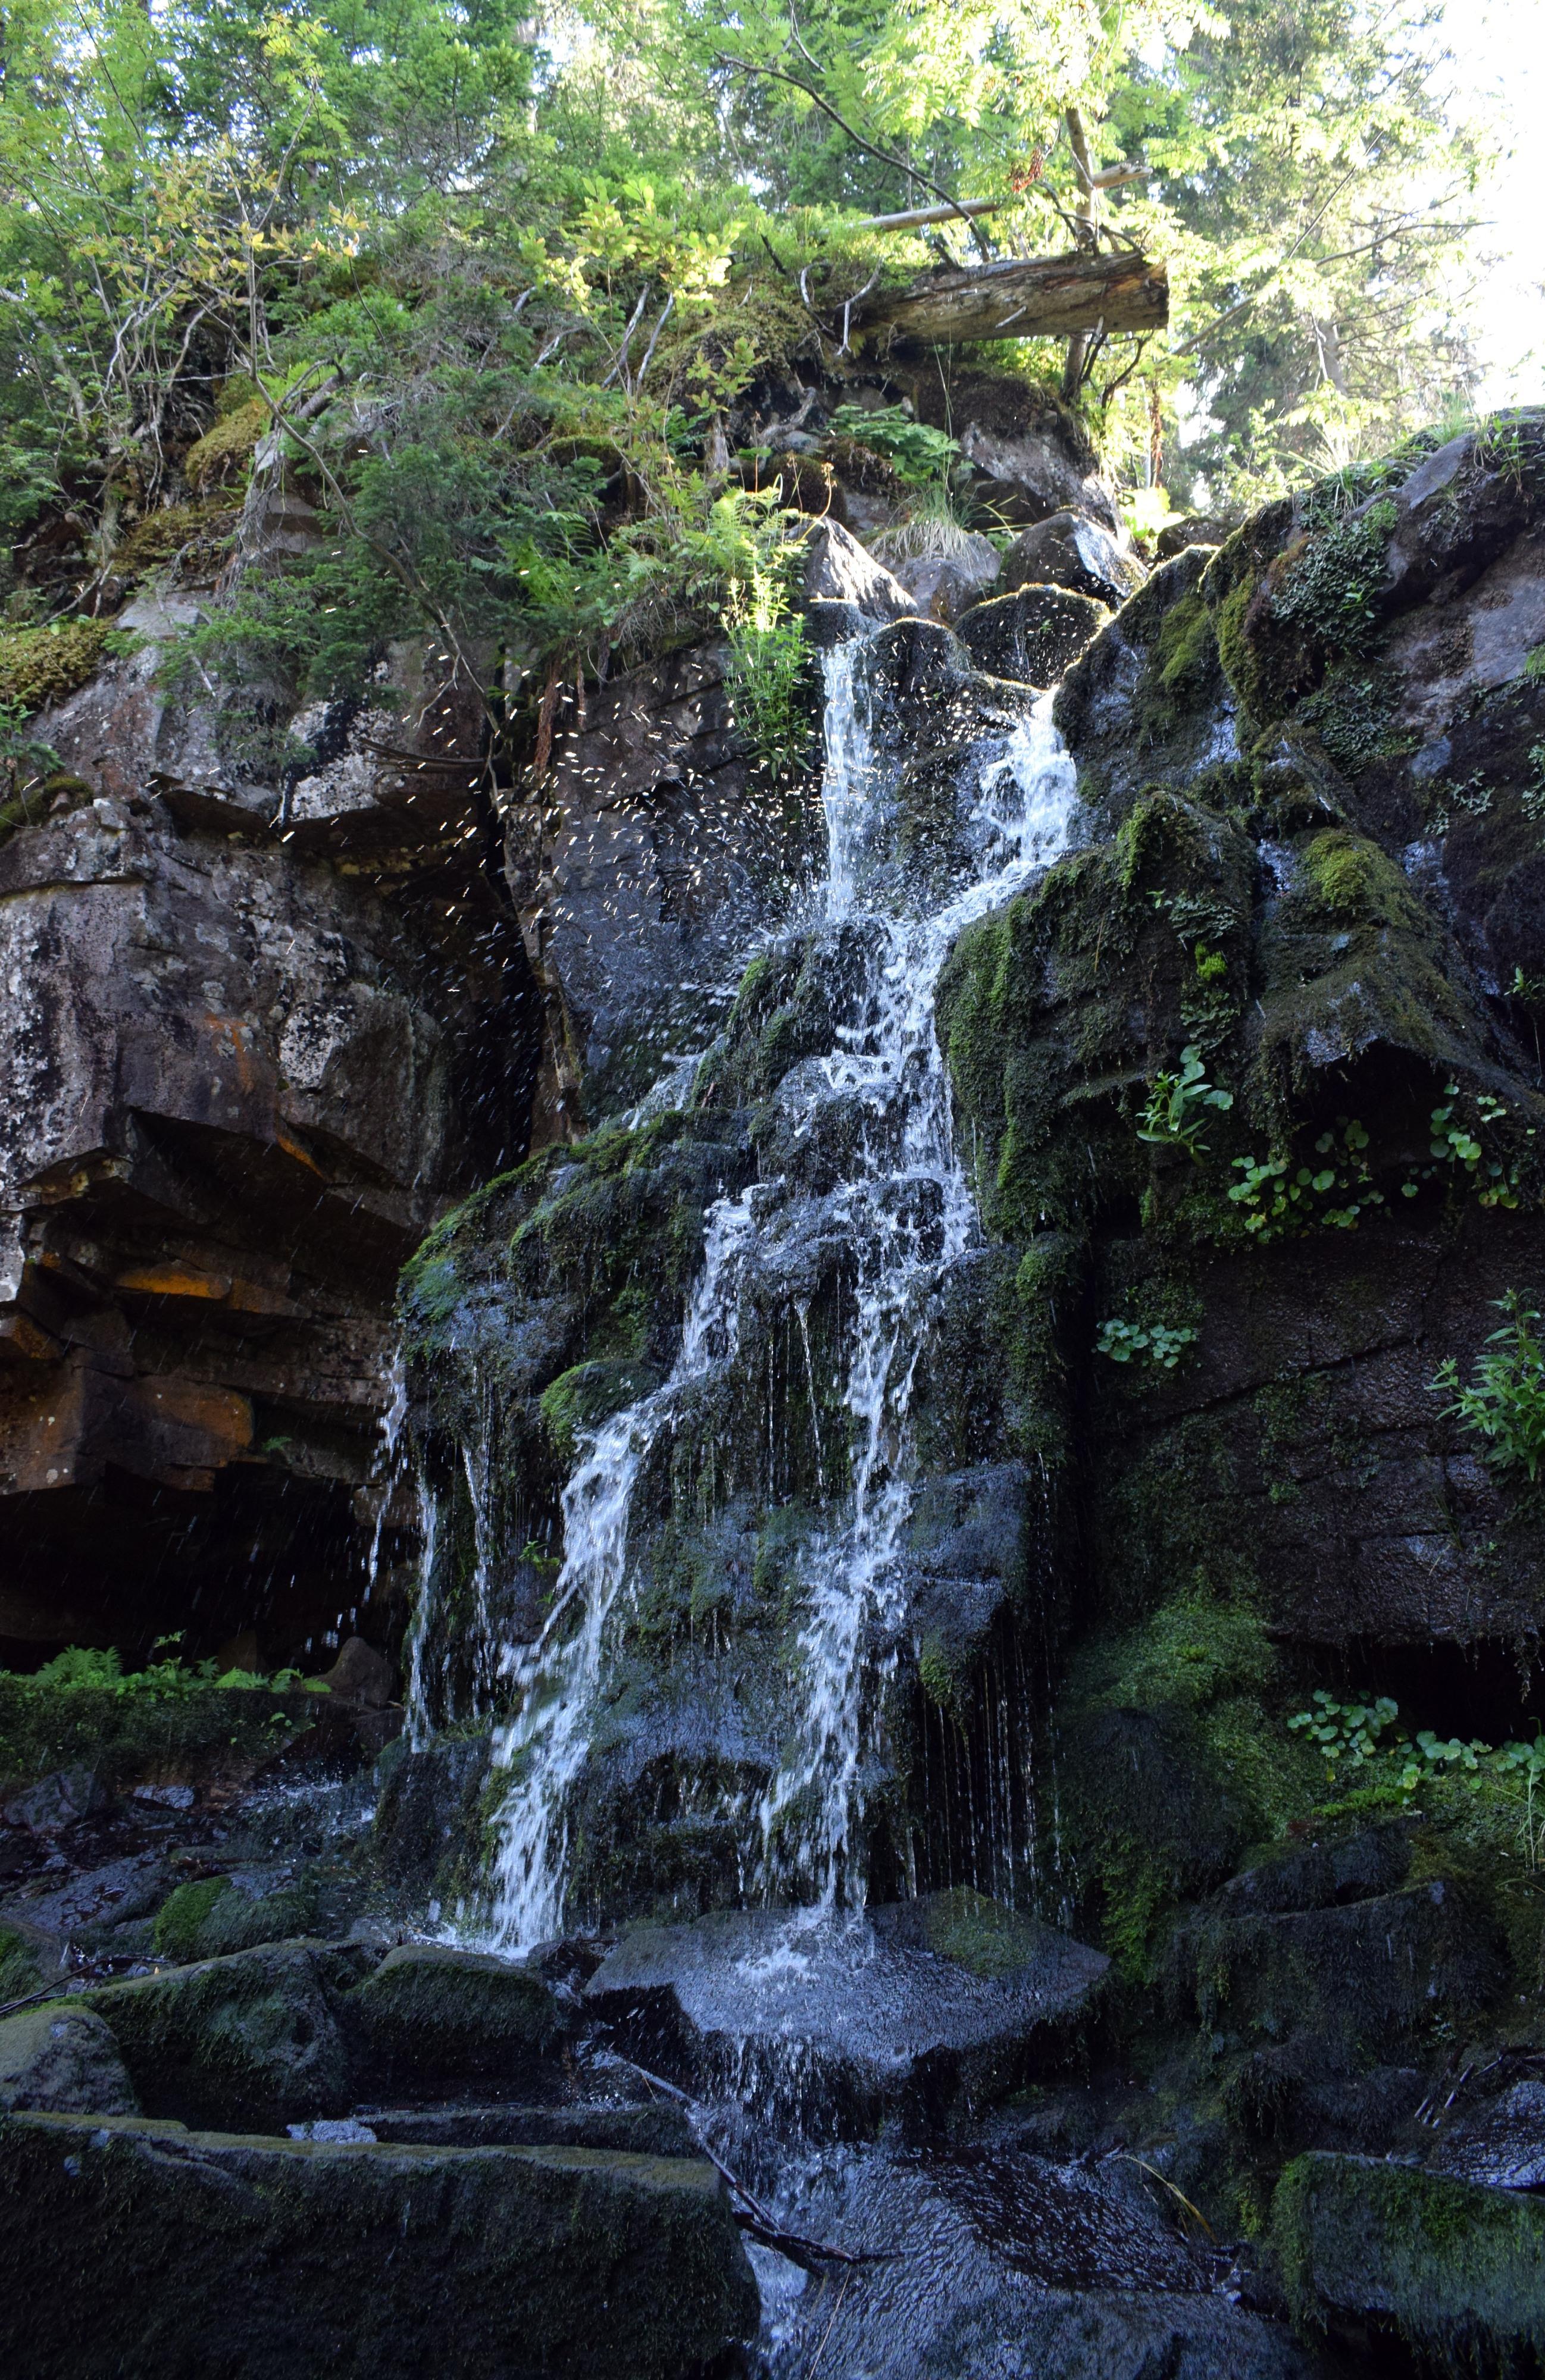 A Szökő Vízesés ahogy rengeteg ággal lezuhan a szikláról lélegzetelállító látványt nyújt.